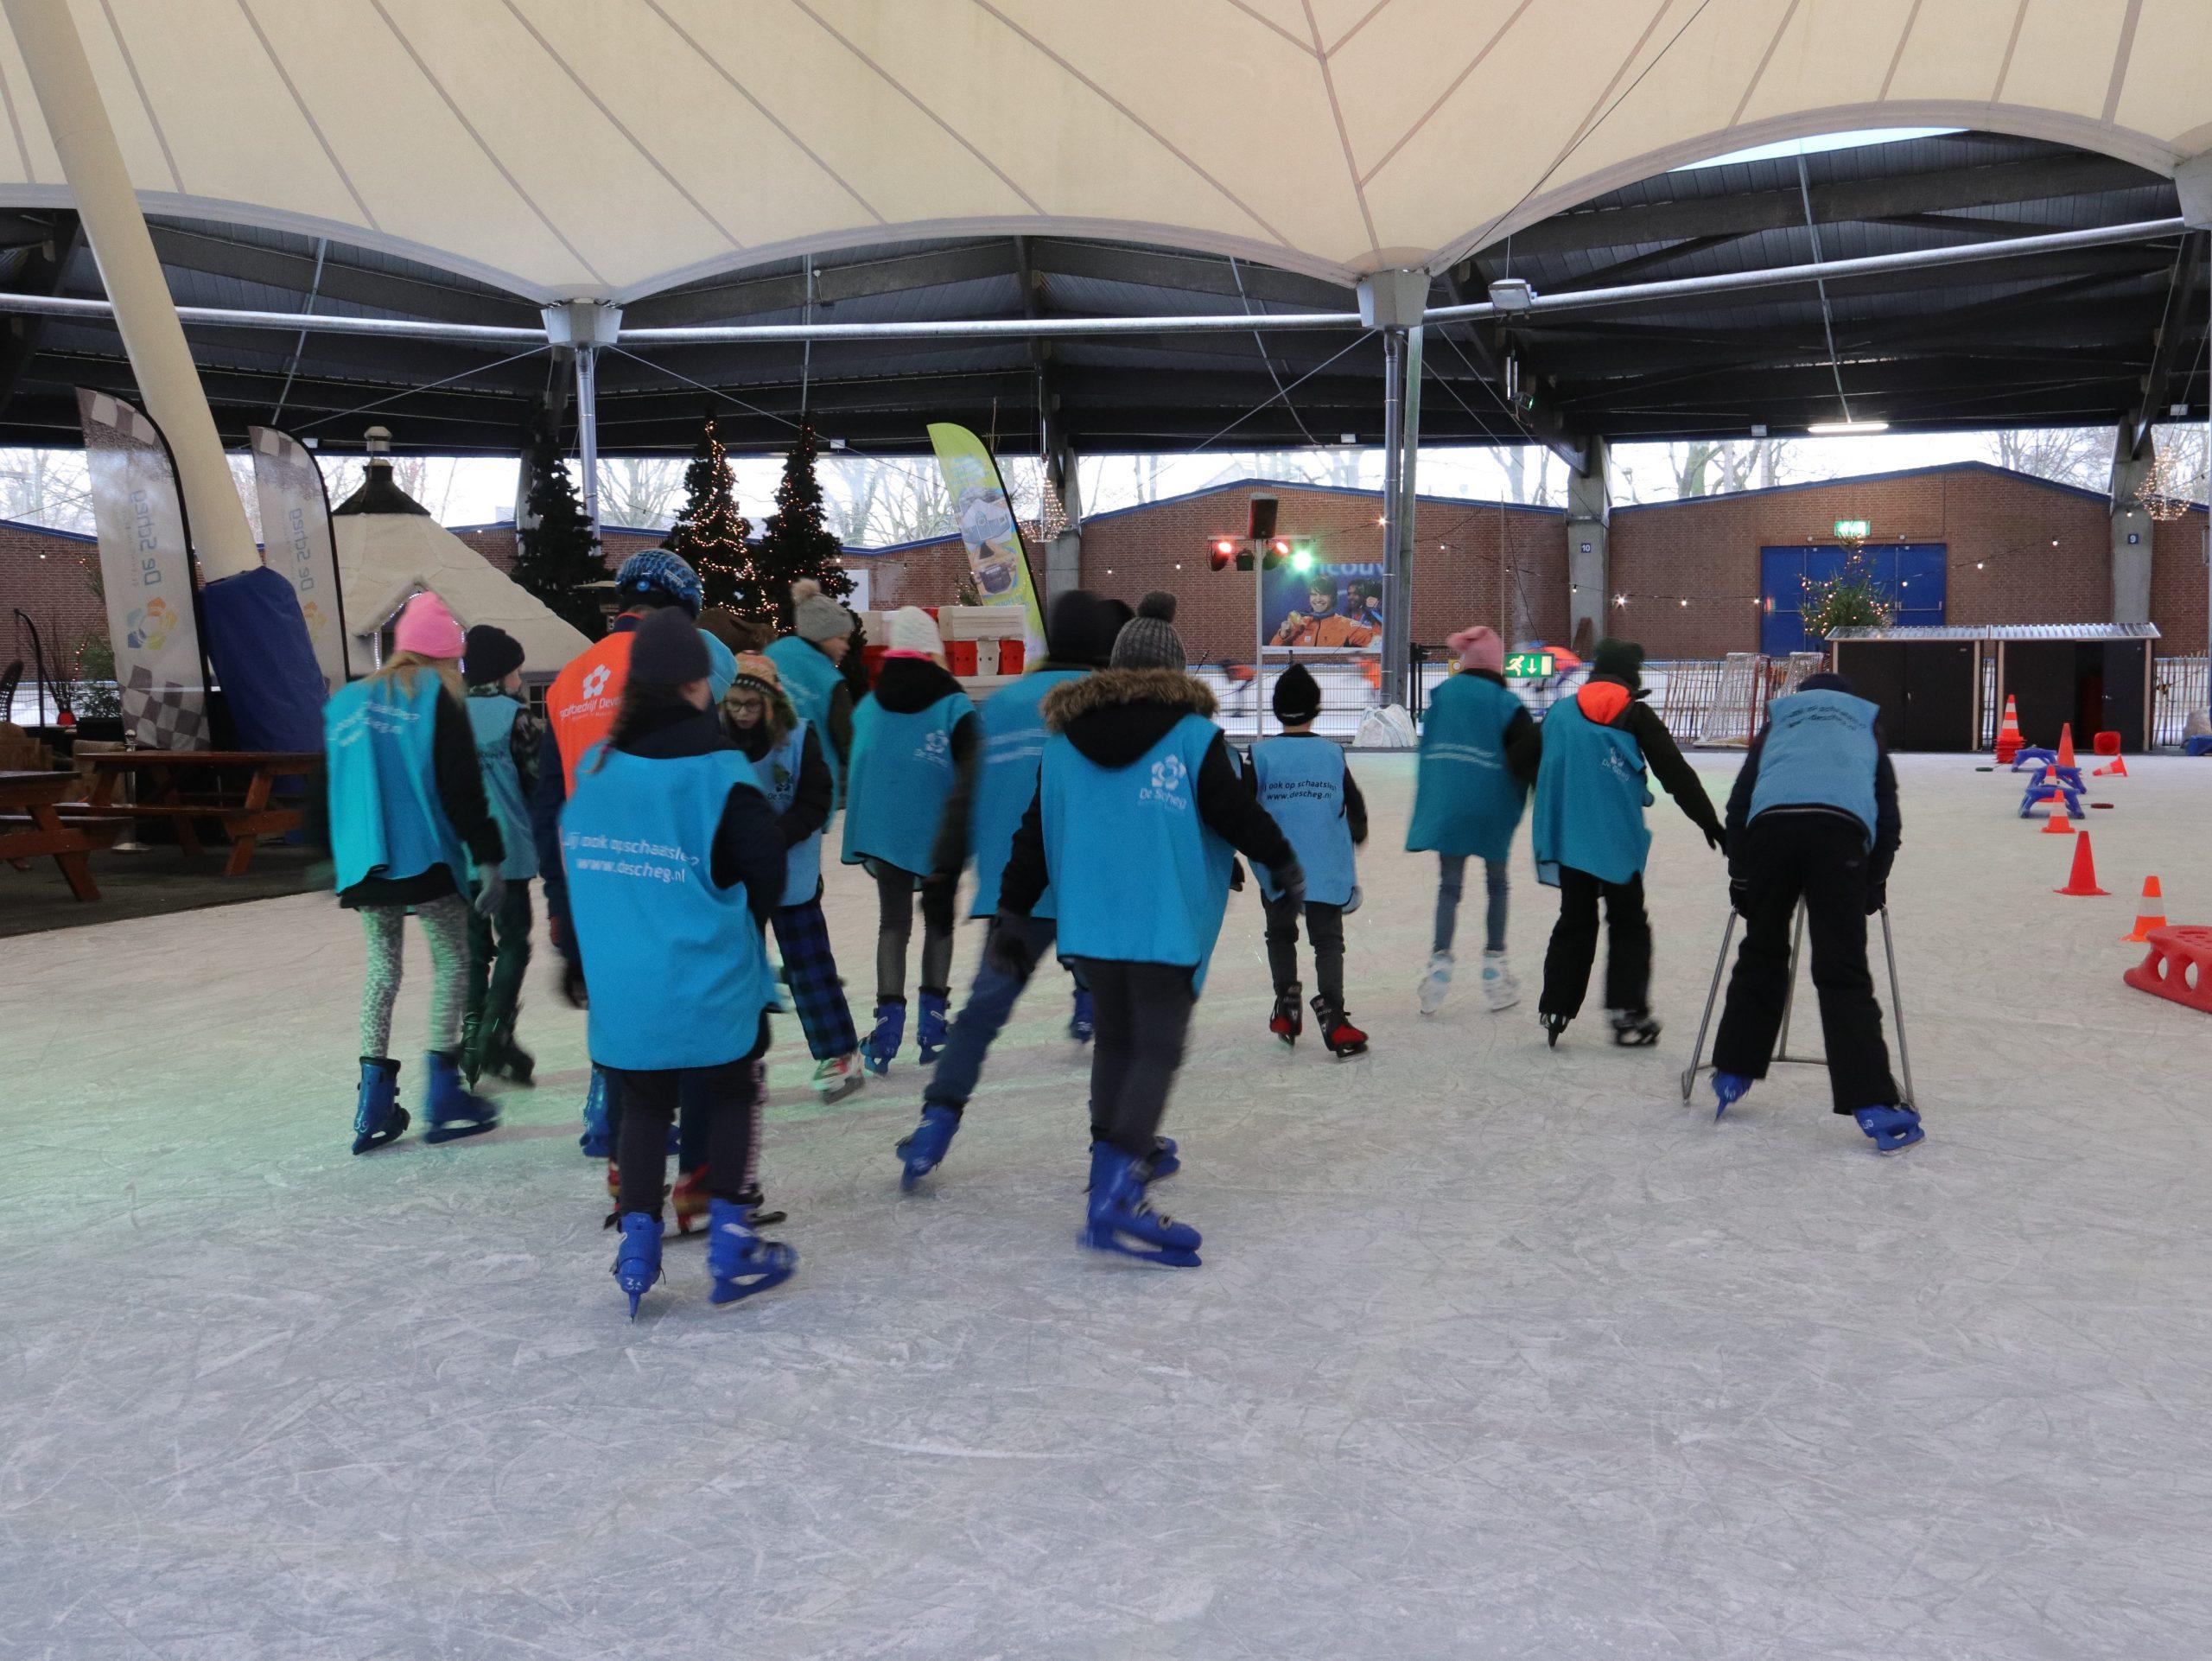 Schaatsen op kunstijsbaan De Scheg in Deventer